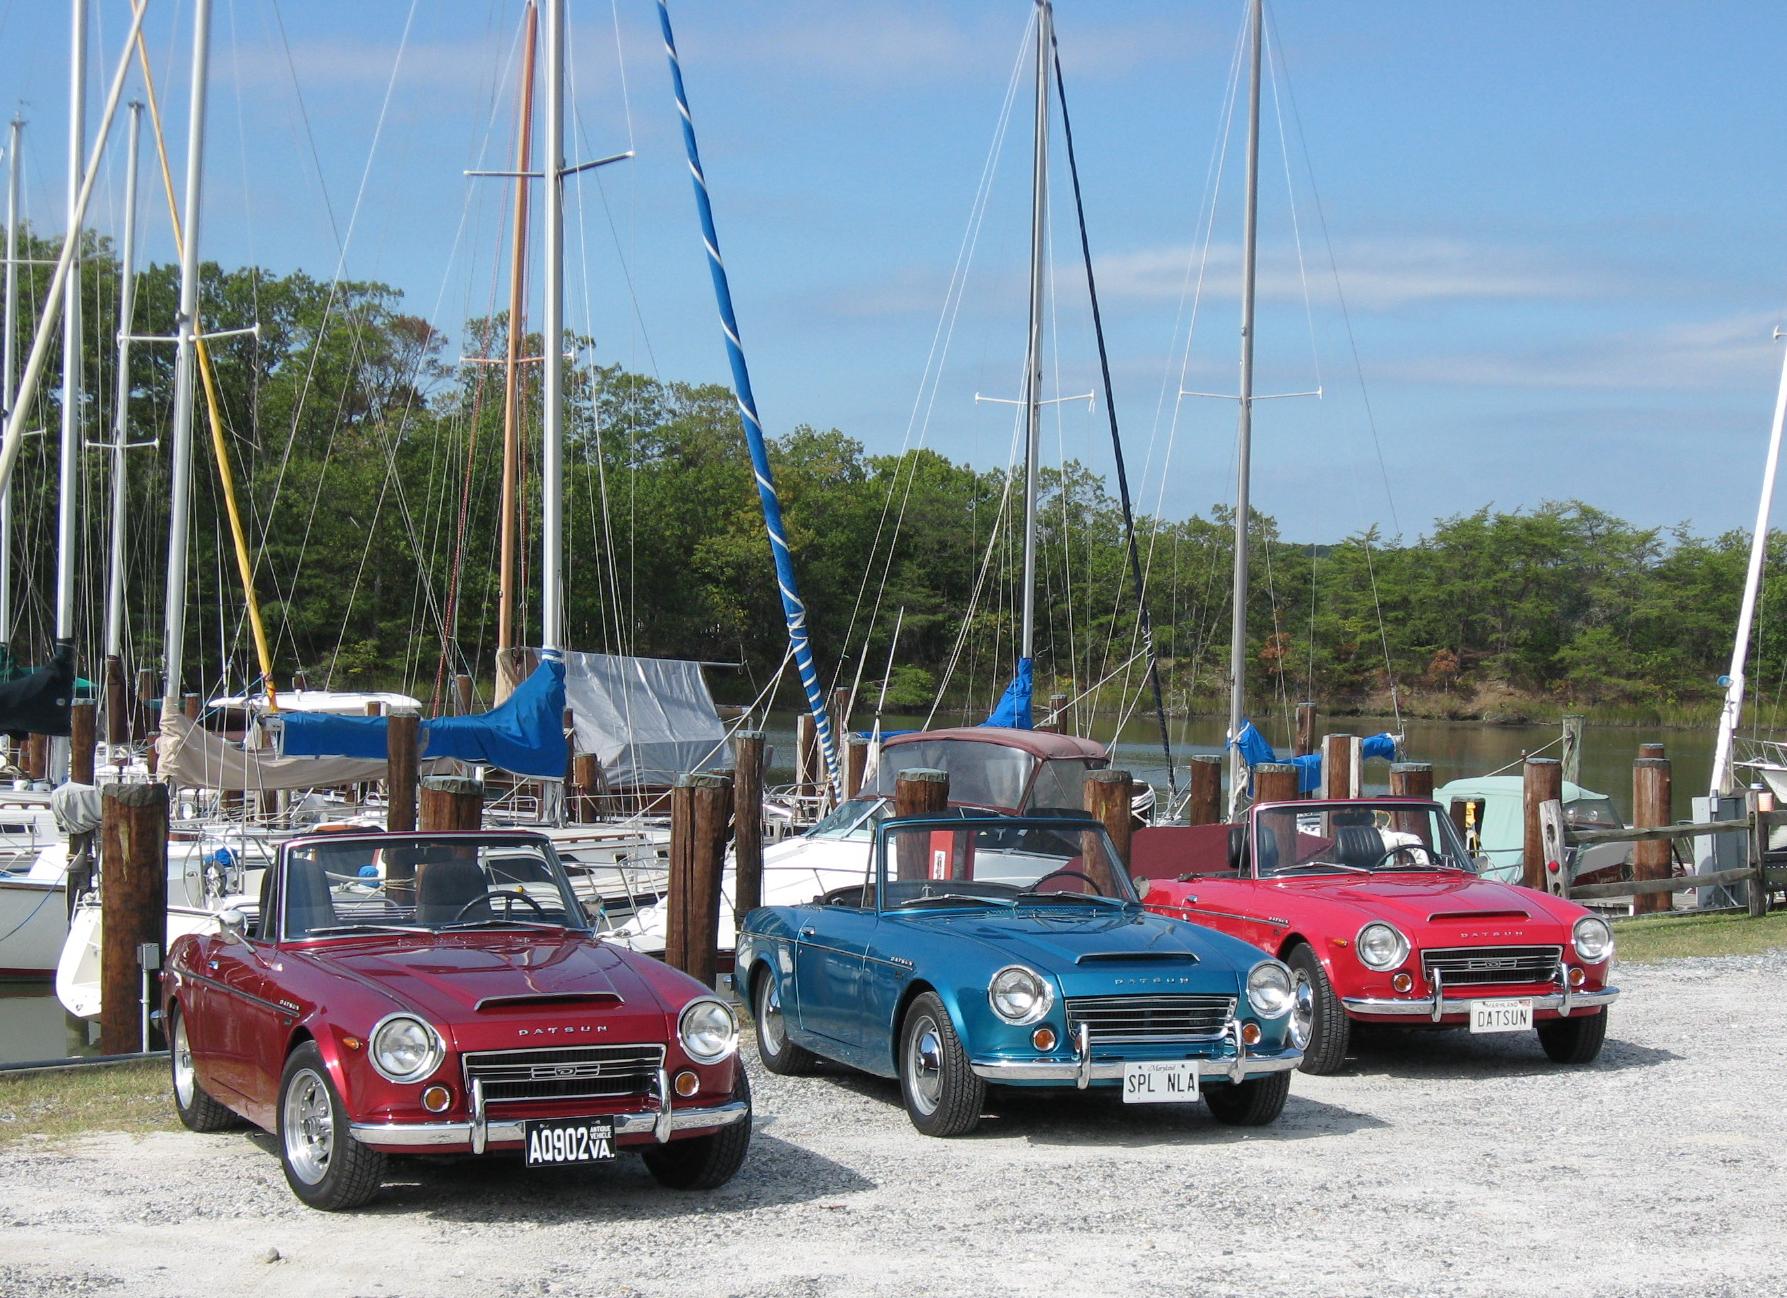 Datsun roadsters at marina